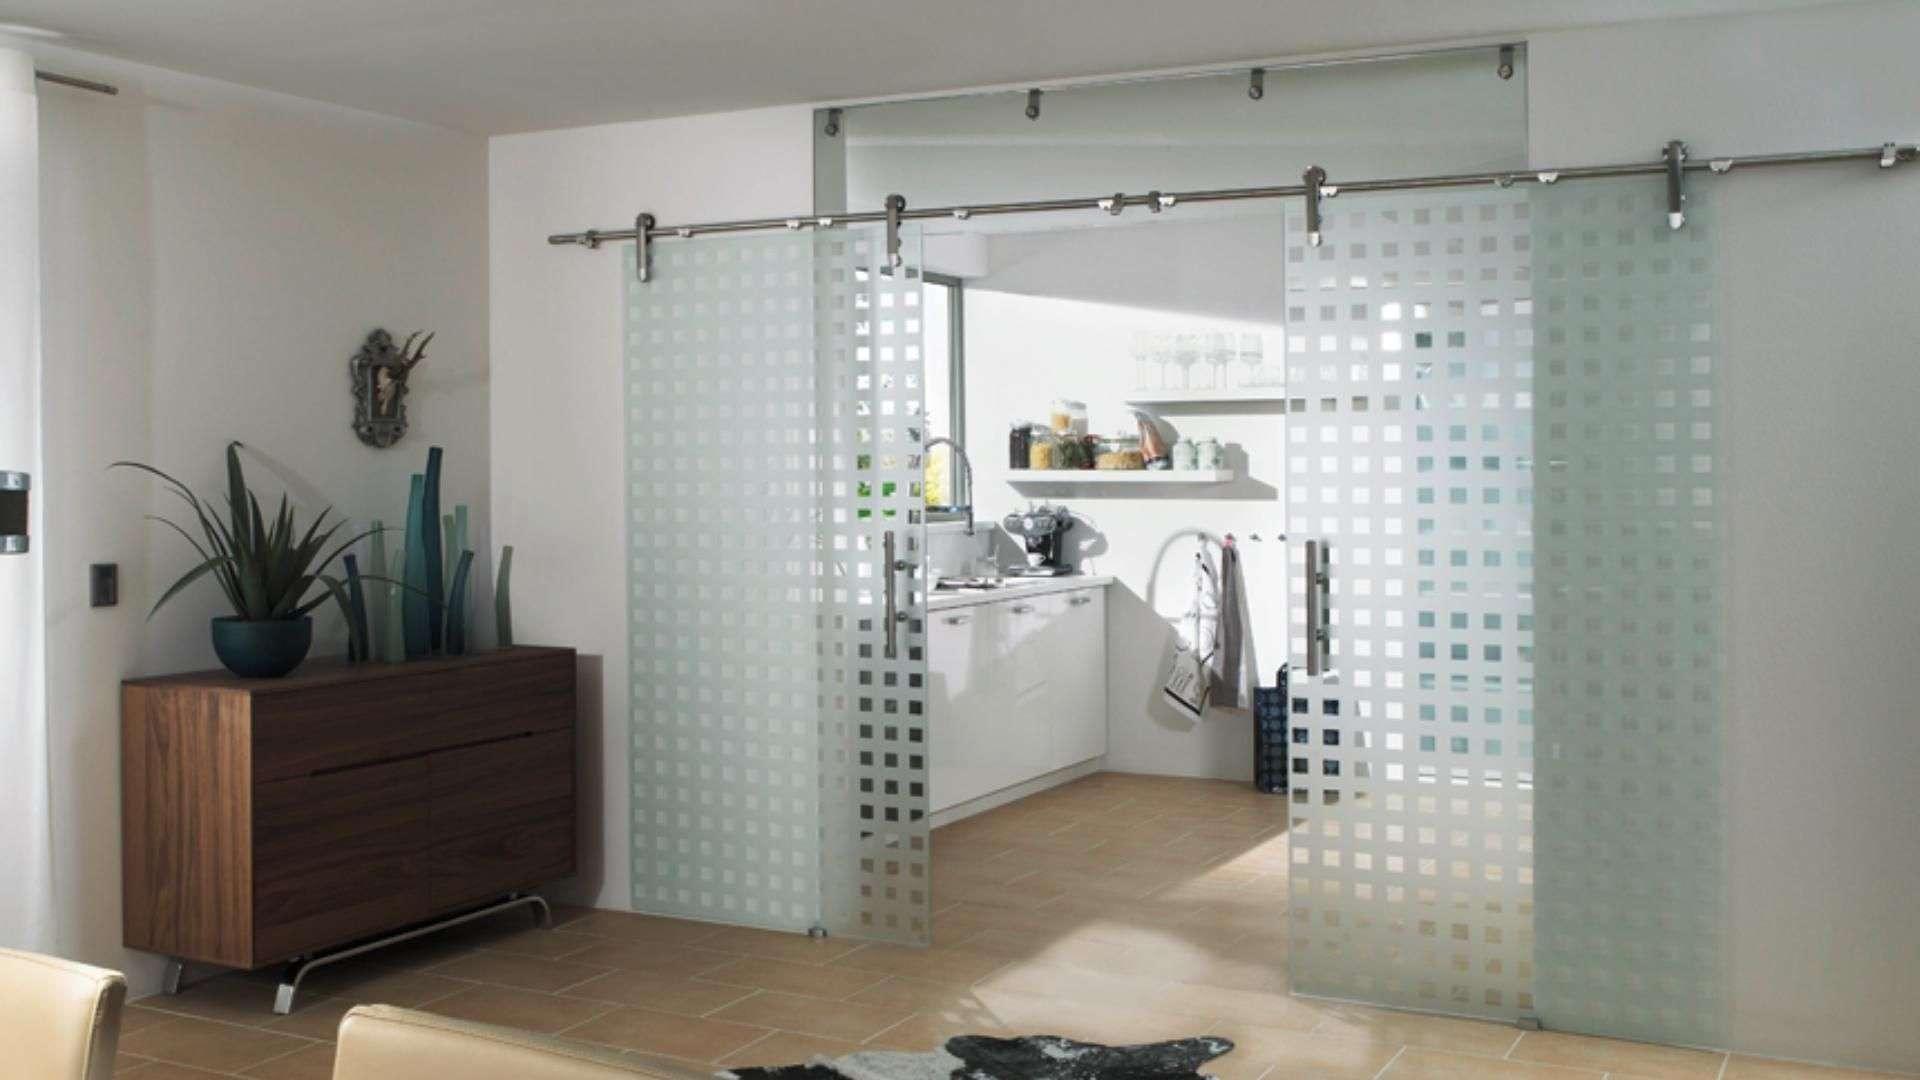 Schiebetür aus Glas zwischen Wohnzimmer und Küche